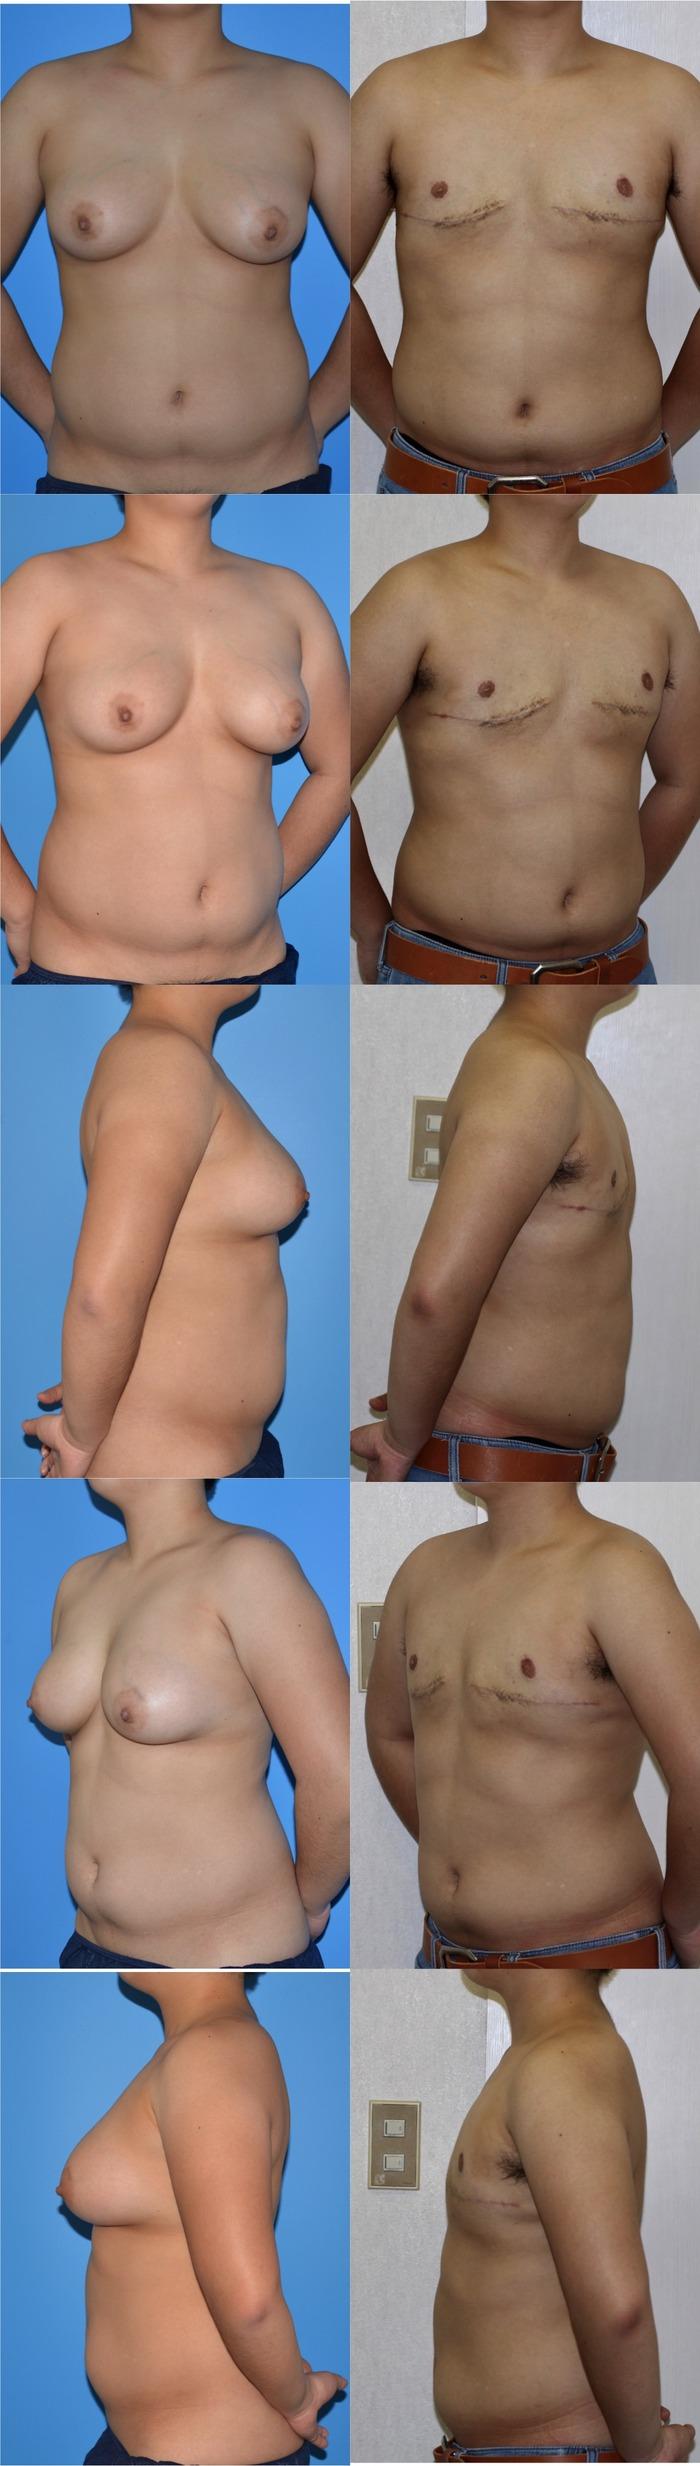 乳房切断 術後5ヶ月